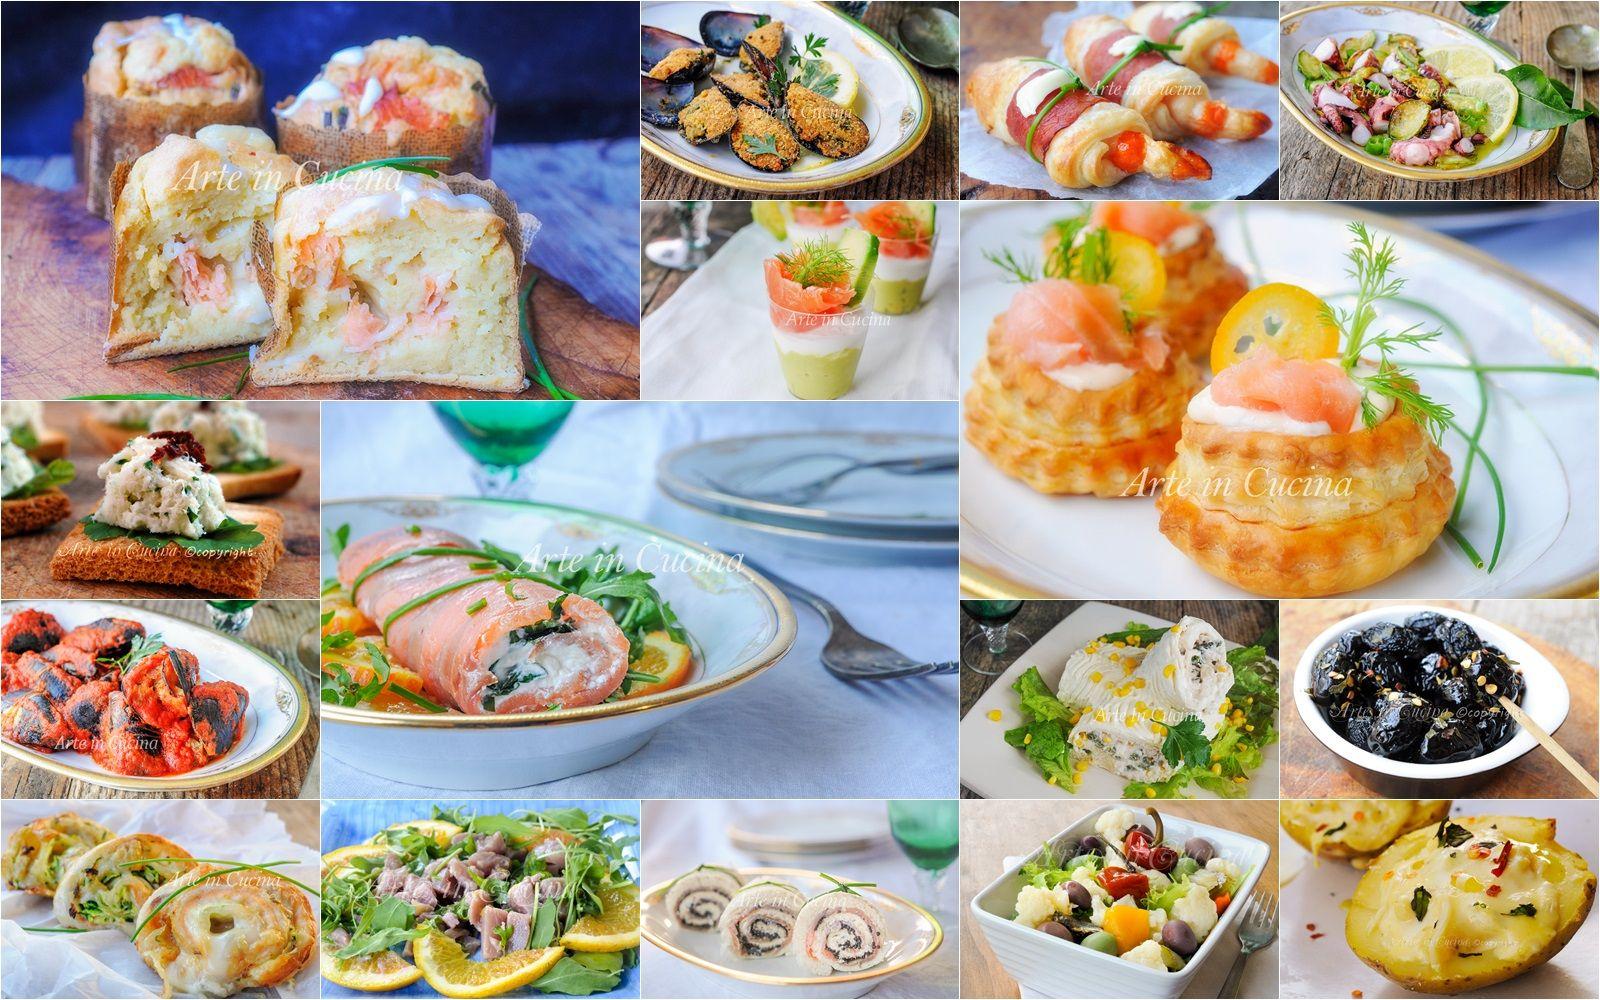 Antipasti Per La Vigilia Di Natale.Antipasti Vigilia Di Natale Con Pesce Ricette Facili Ricette Facili Ricette Antipasti